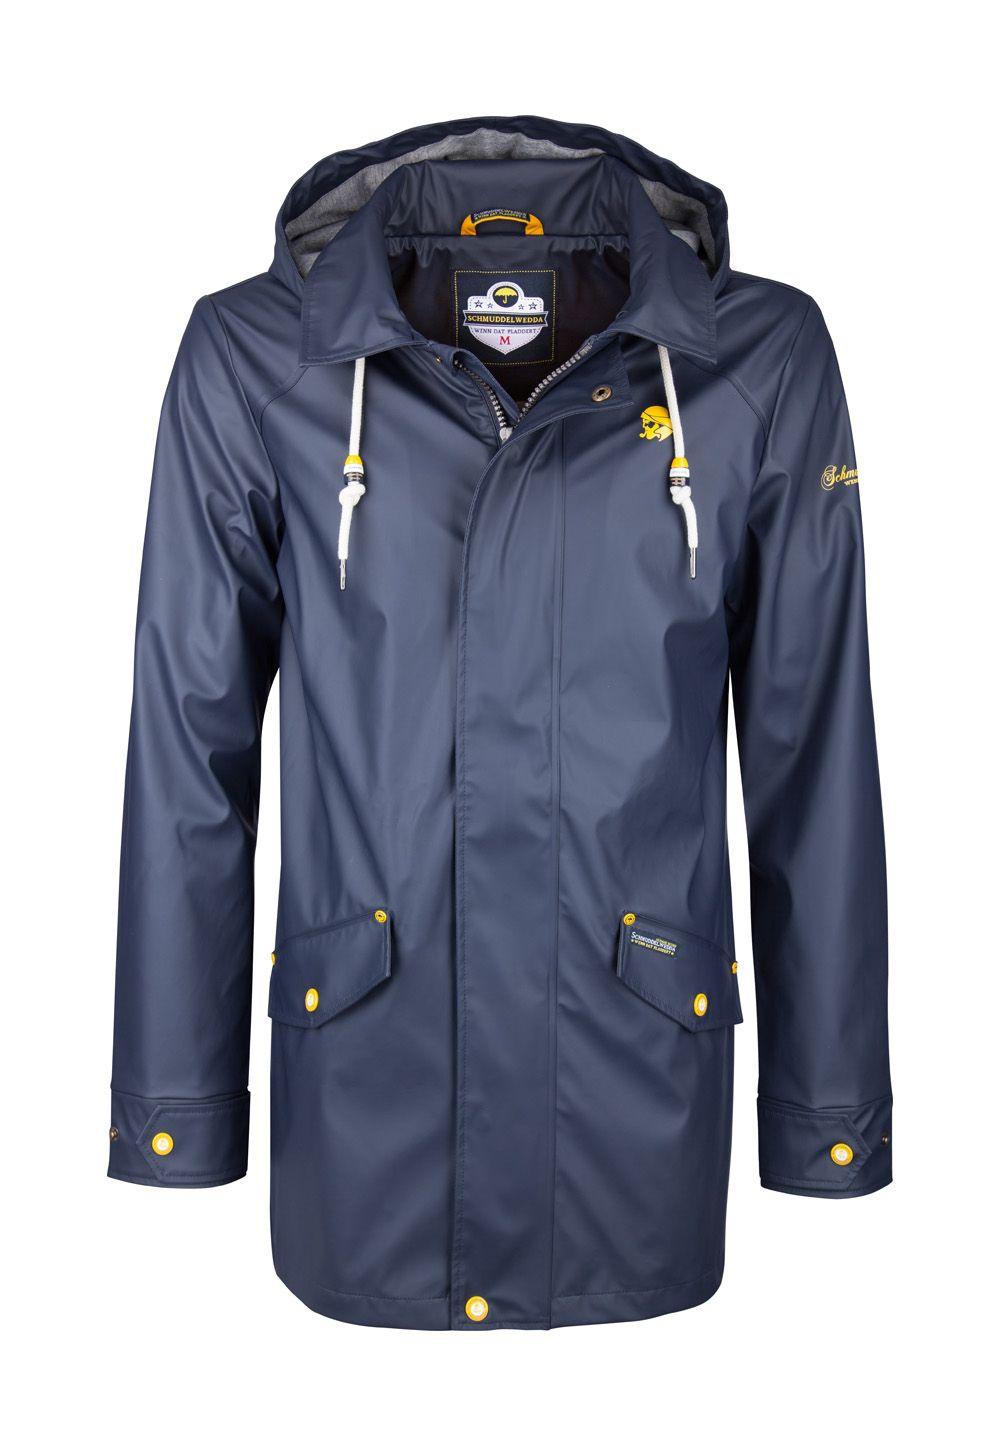 Pin by Herrenmode@Ladendirekt on Jacken   Jackets, Rain